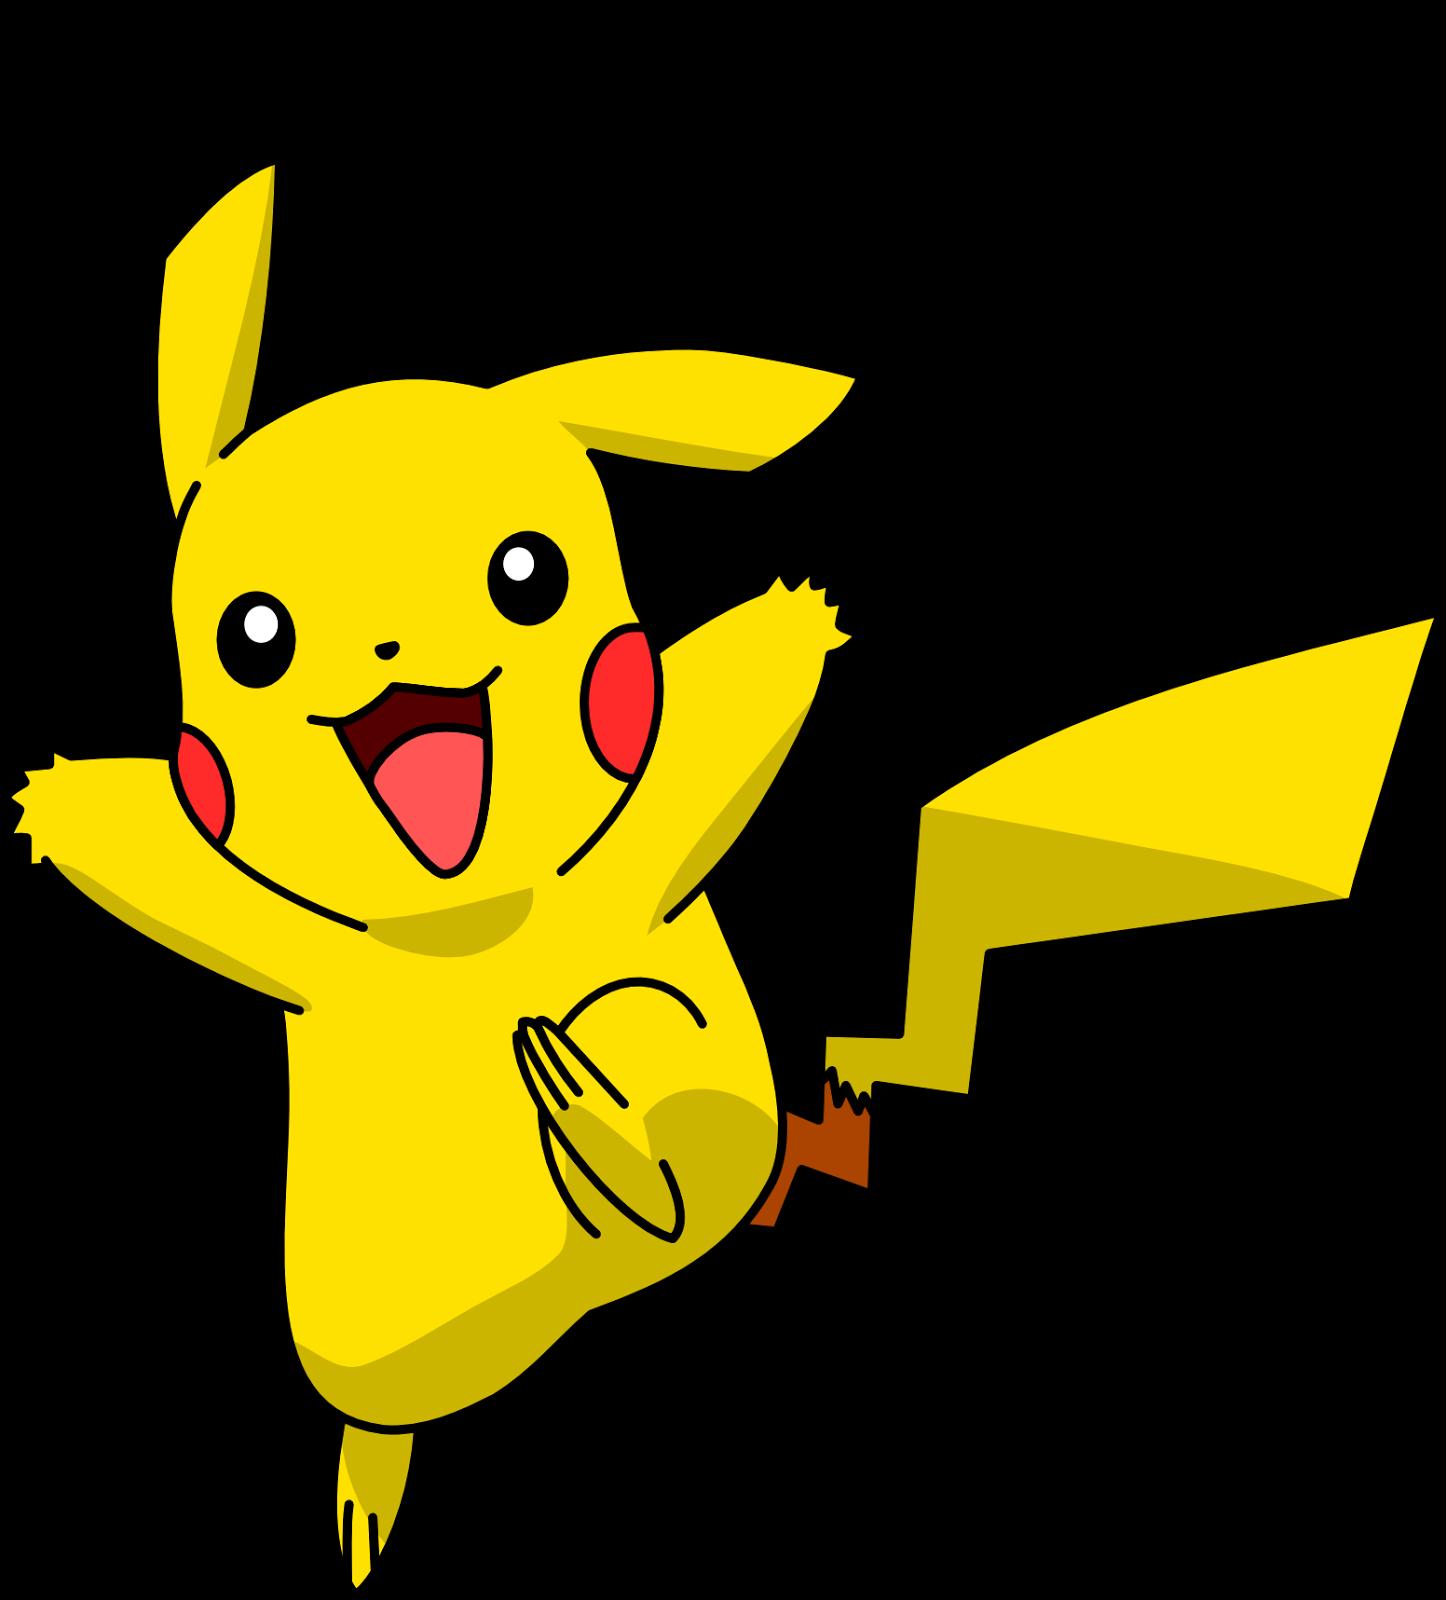 Pokemon go galeria de imagens cantinho do blog - Images de pikachu ...